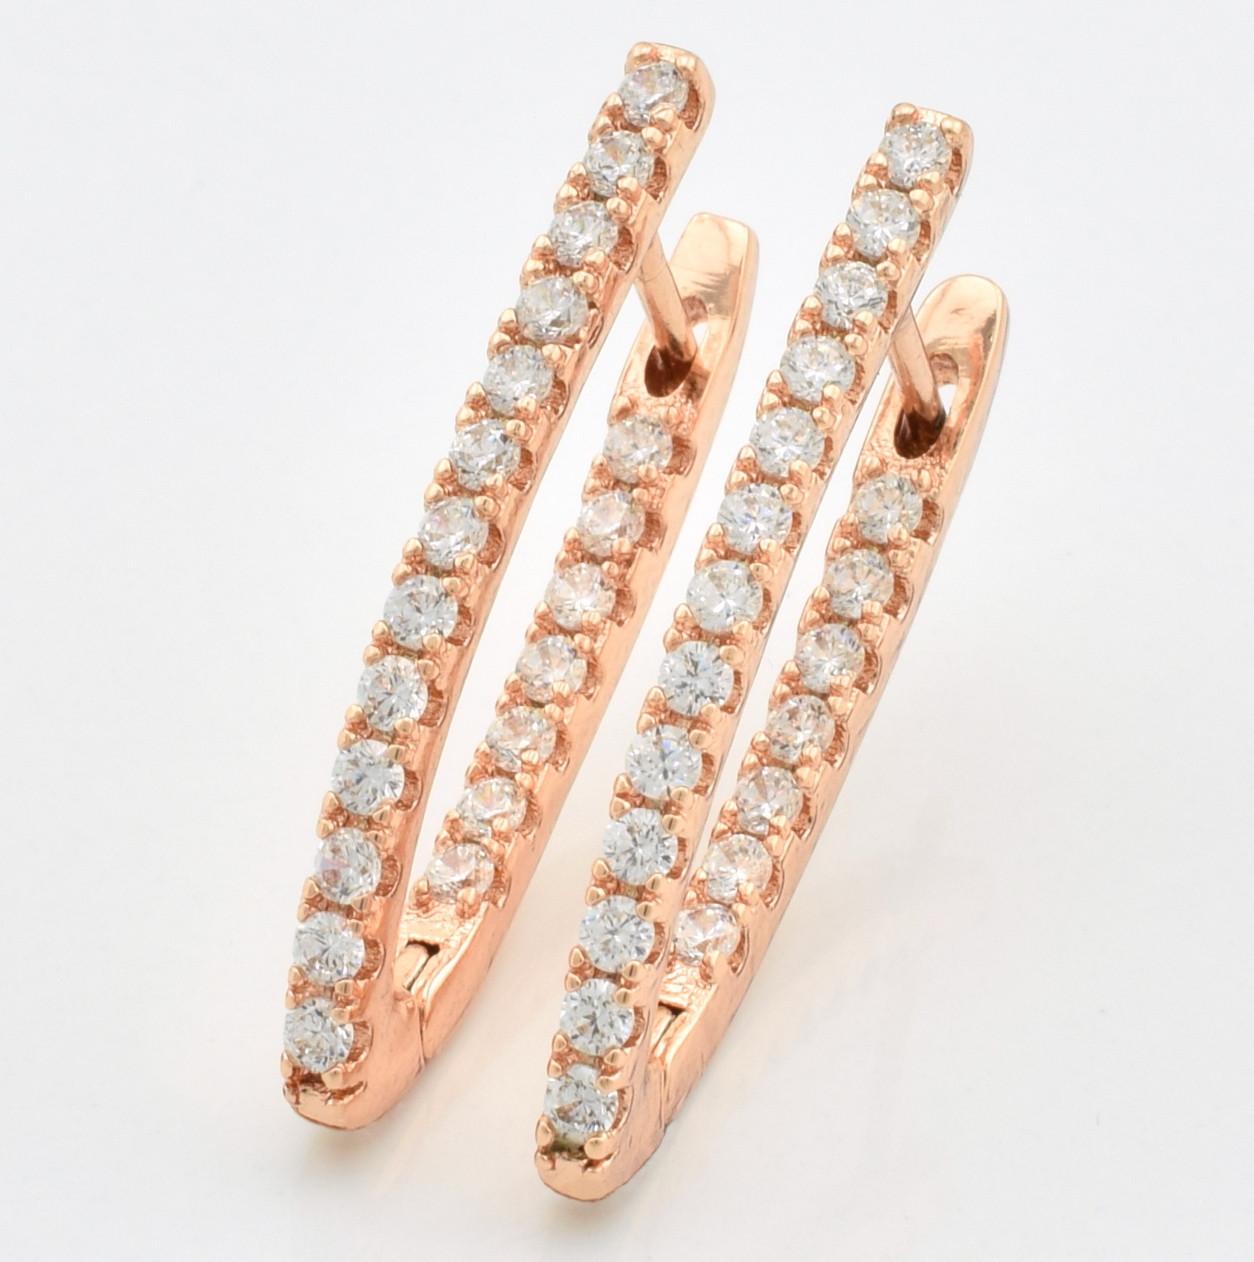 """Серьги """"Алмазные стрелки"""" большие, код 55683 размер 29*2 мм, белые фианиты, позолота РО"""